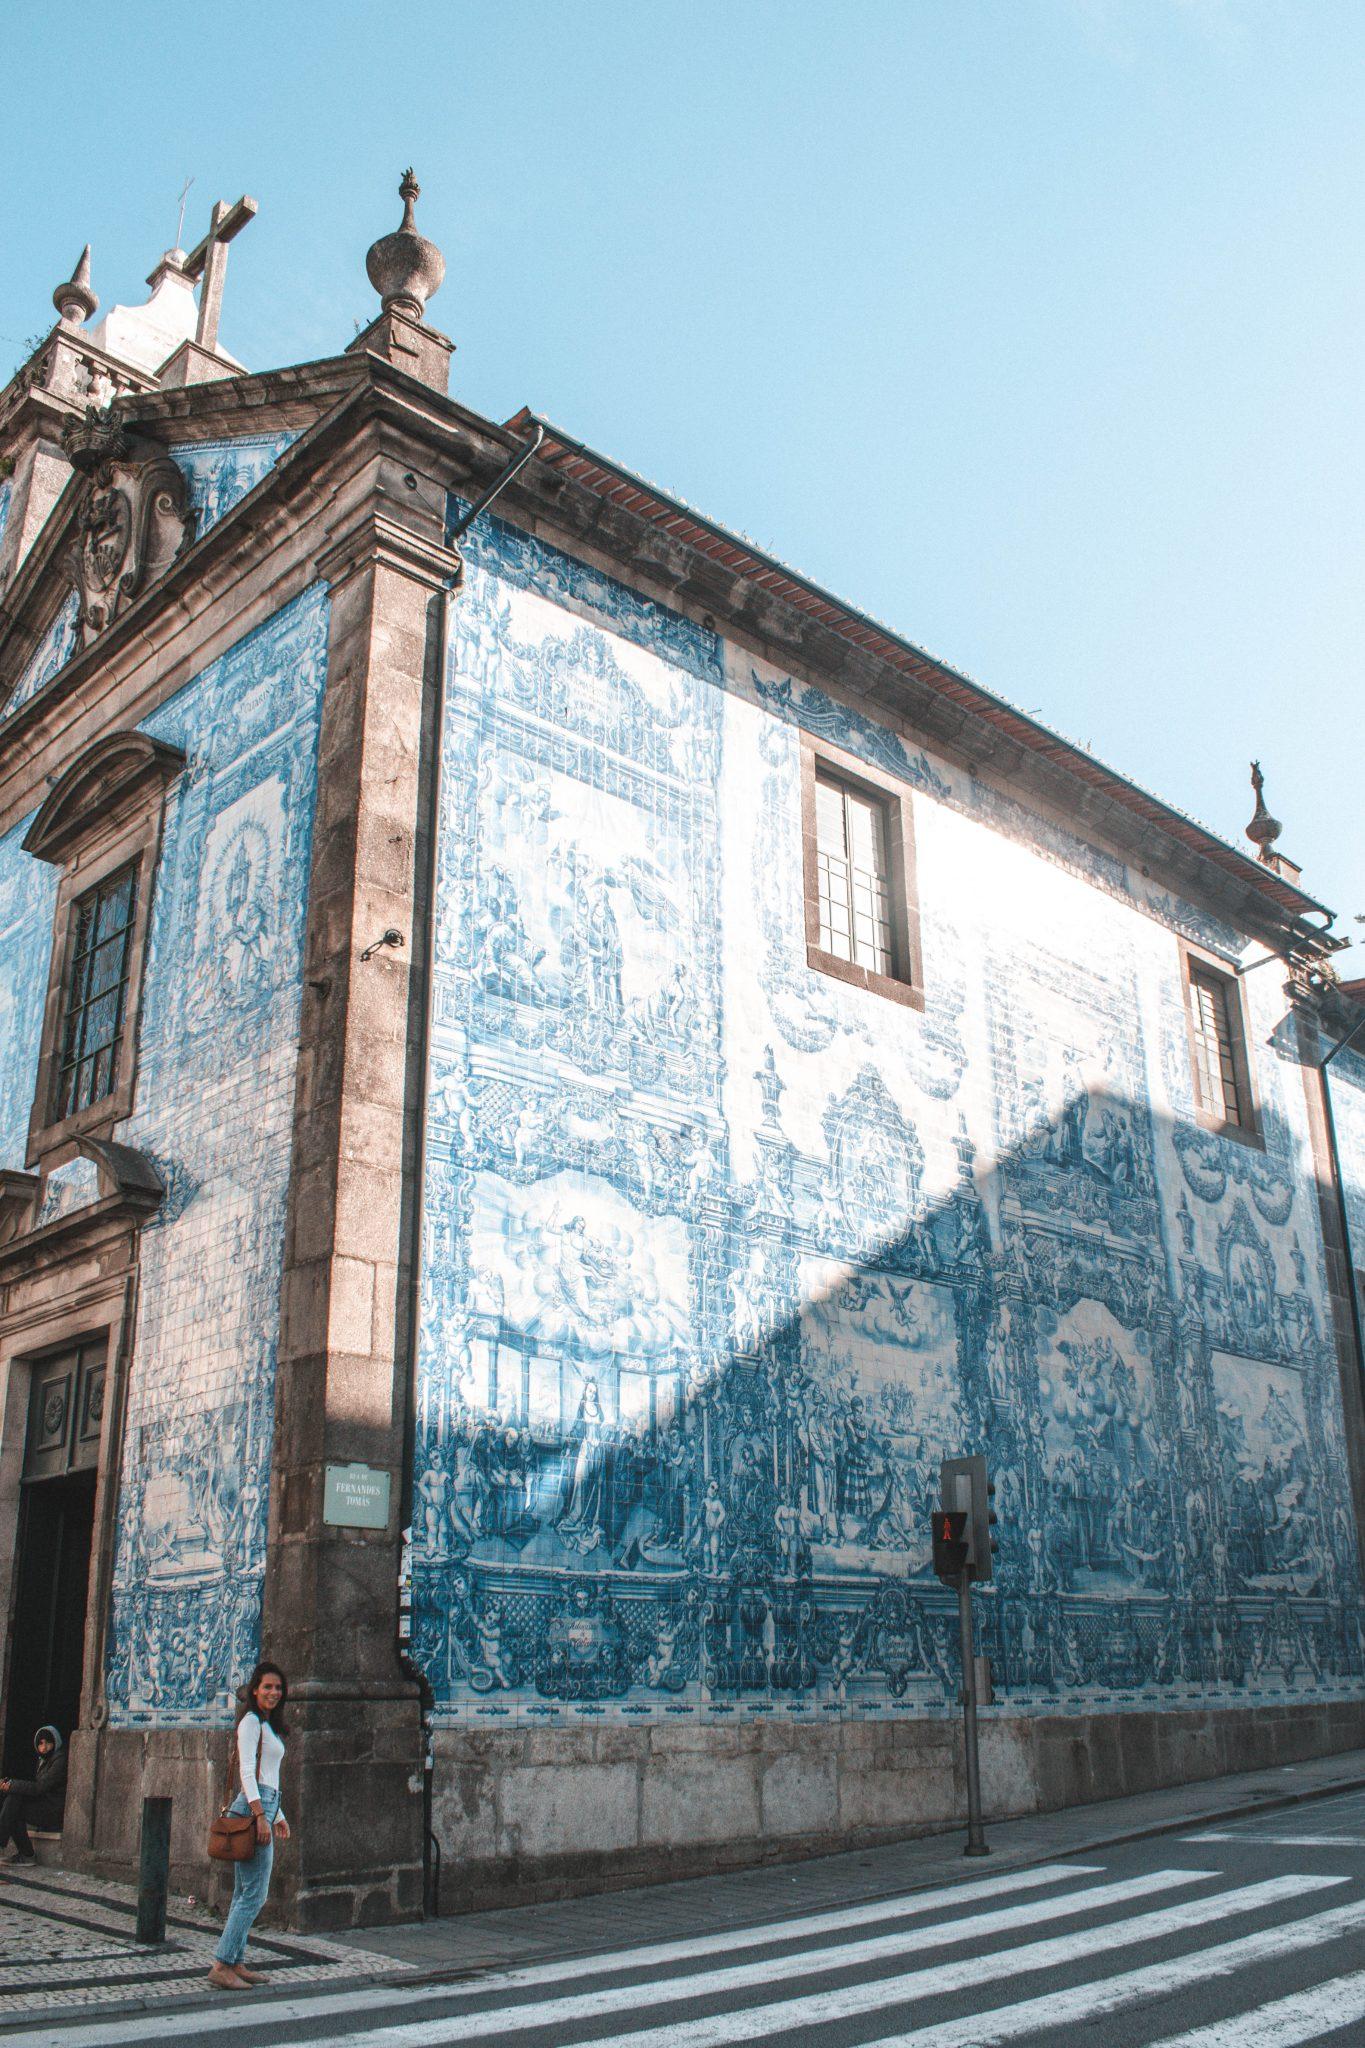 Dicas de viagem Porto Portugal